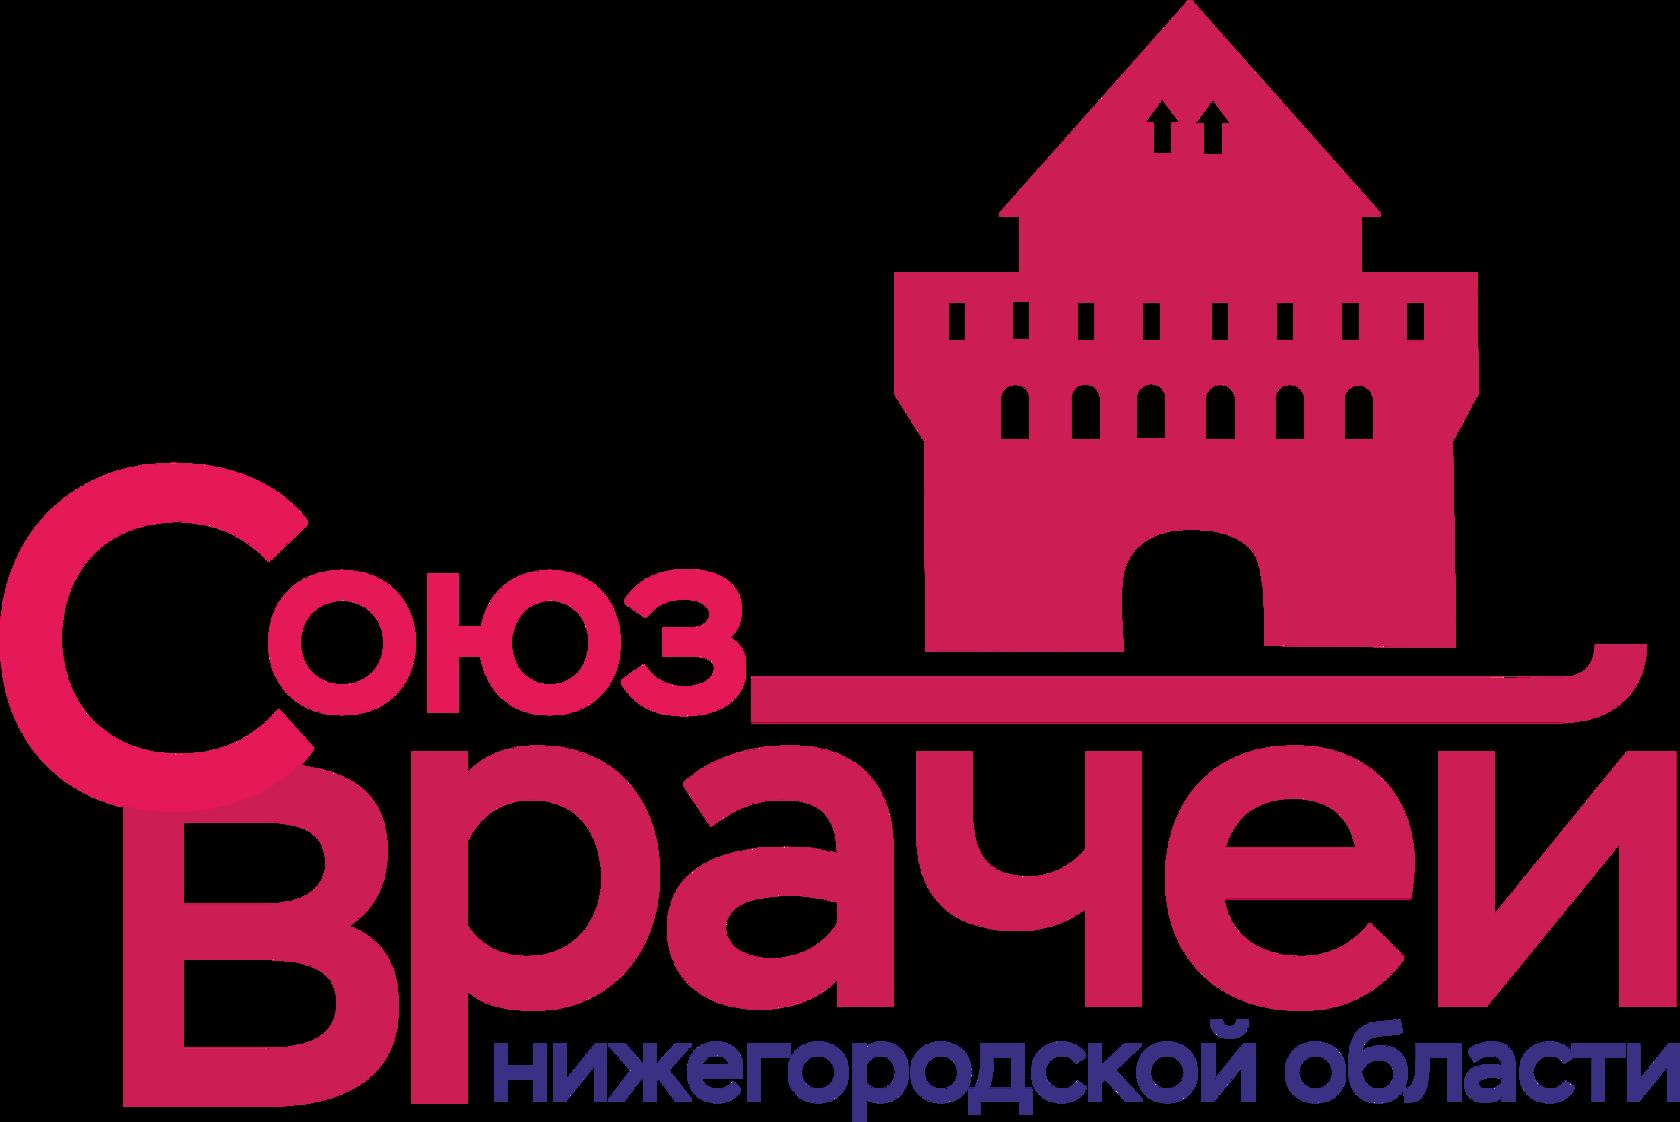 © 2019-2020 Союз врачей Нижегородской области